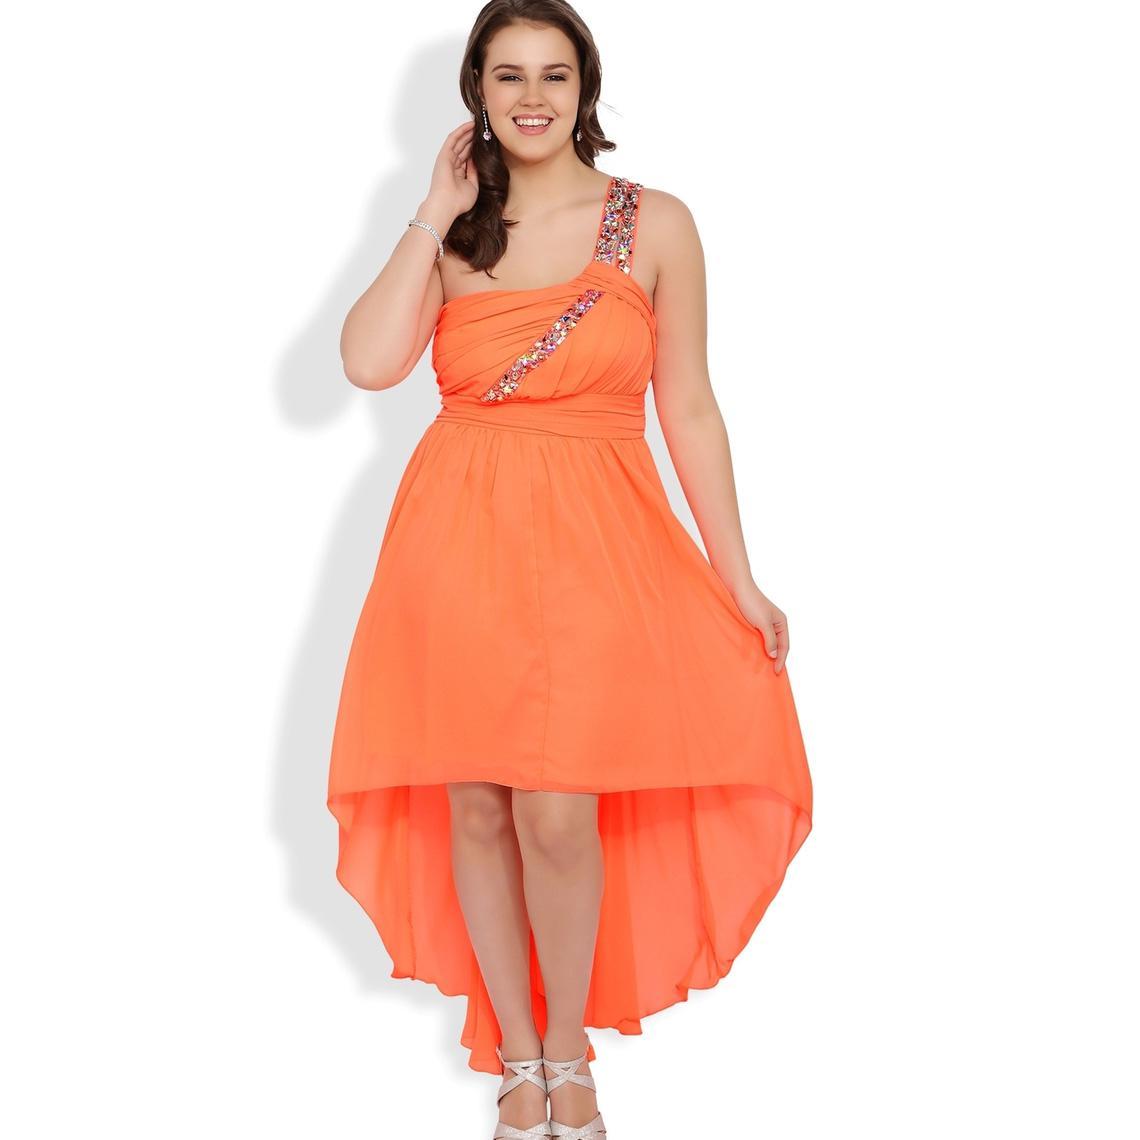 Großhandel Orange Asymmetrische Plus Size Special Anlass Kleider ...